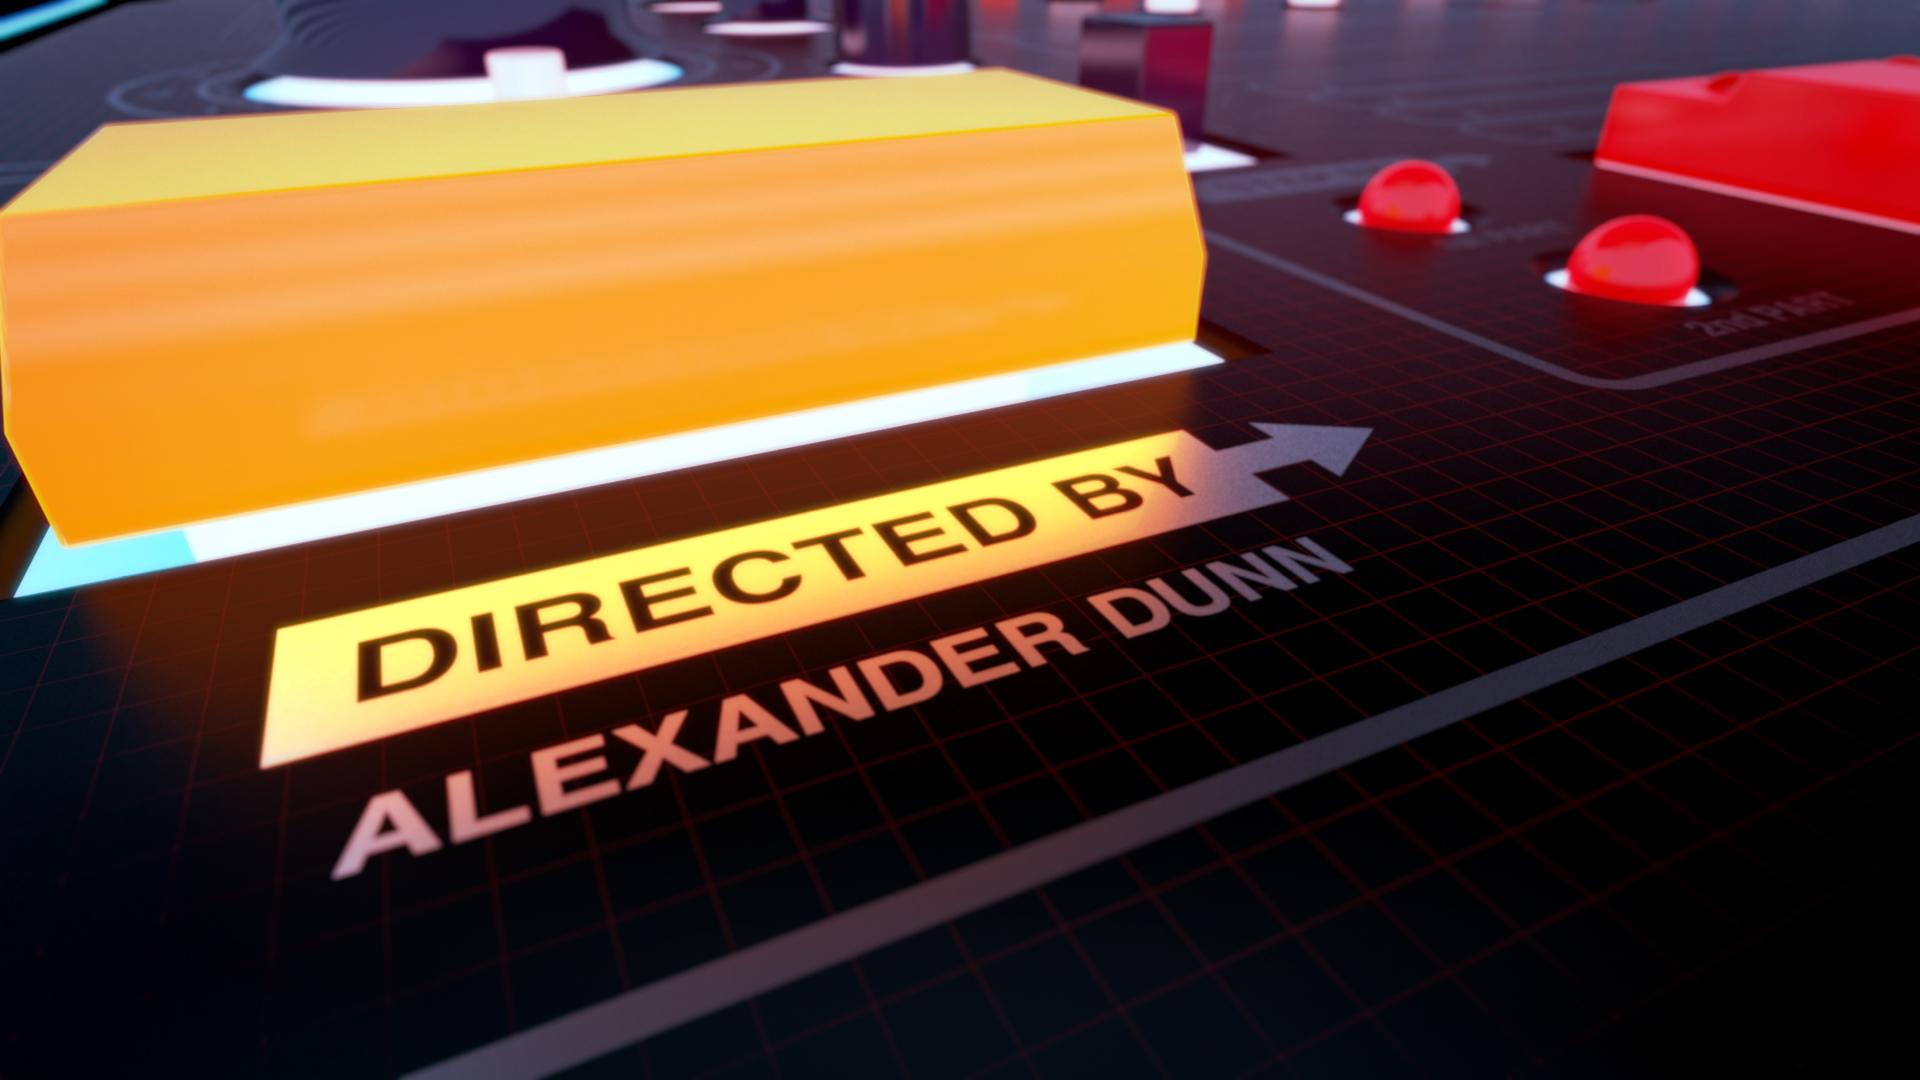 808 Title Alexander Dunn.jpg